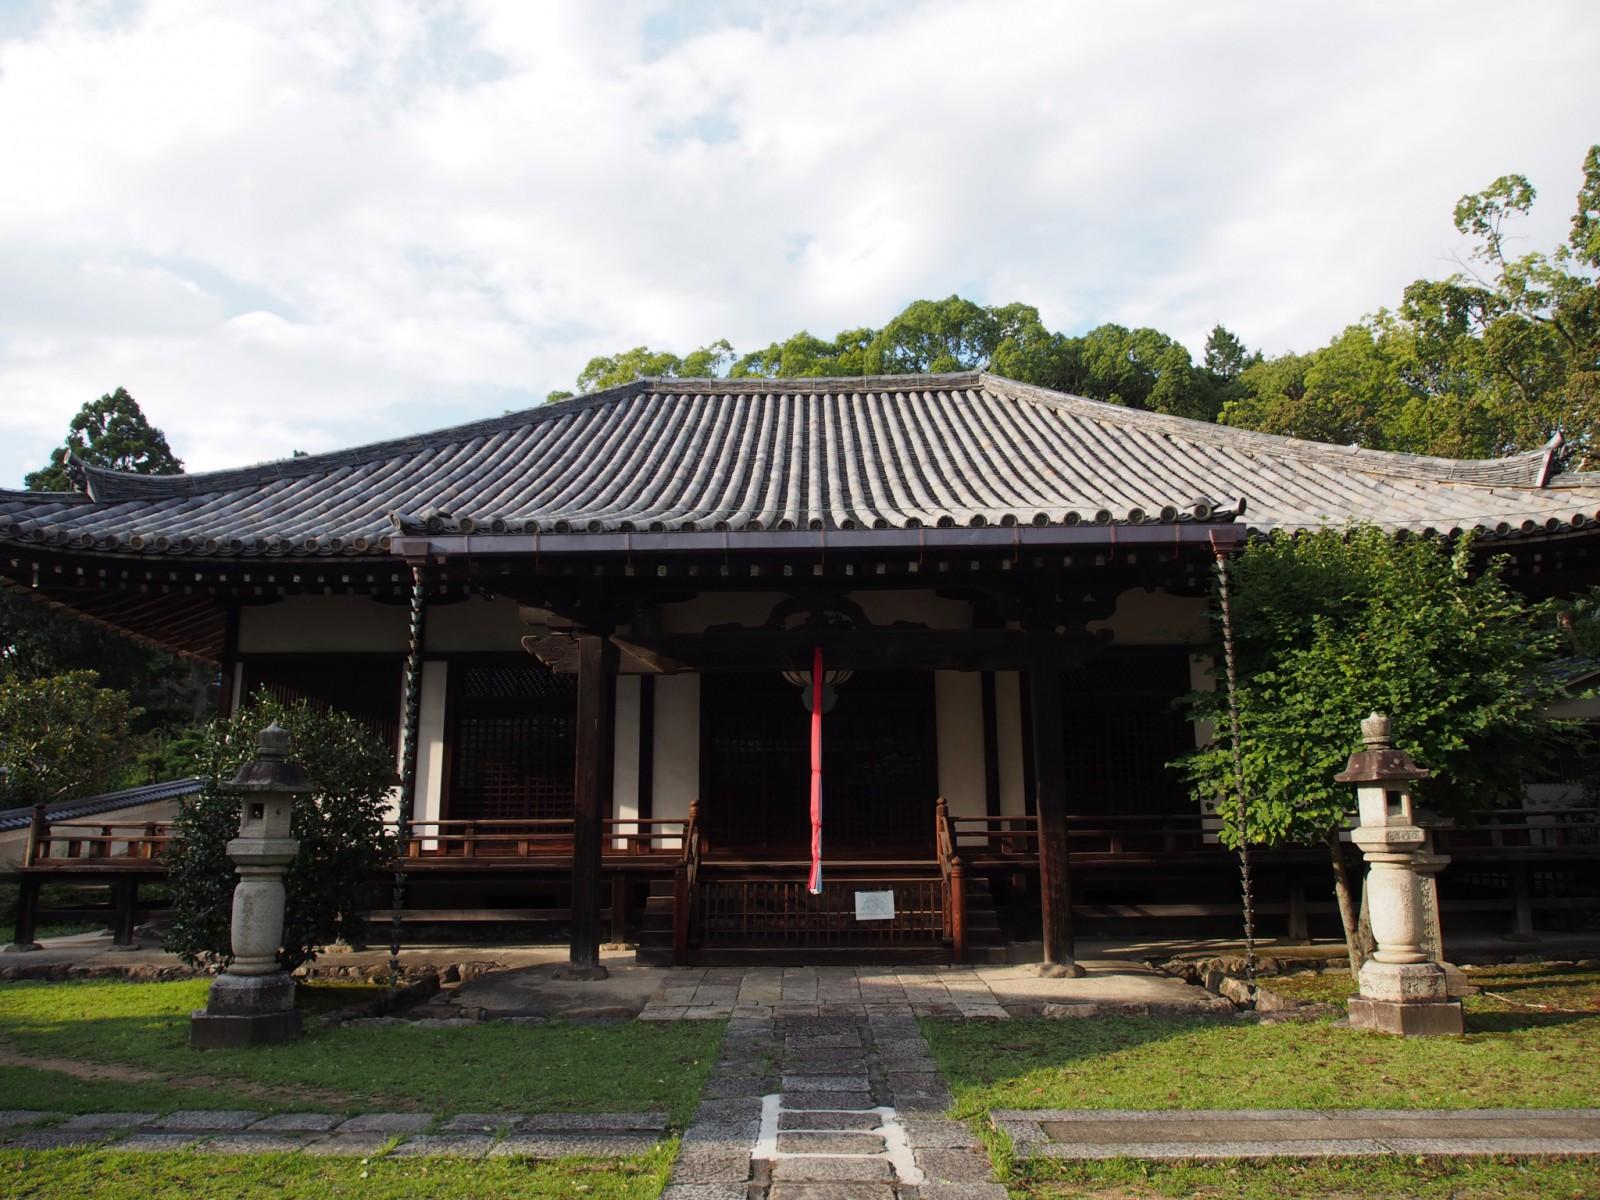 興福寺菩提院大御堂(十三鐘)